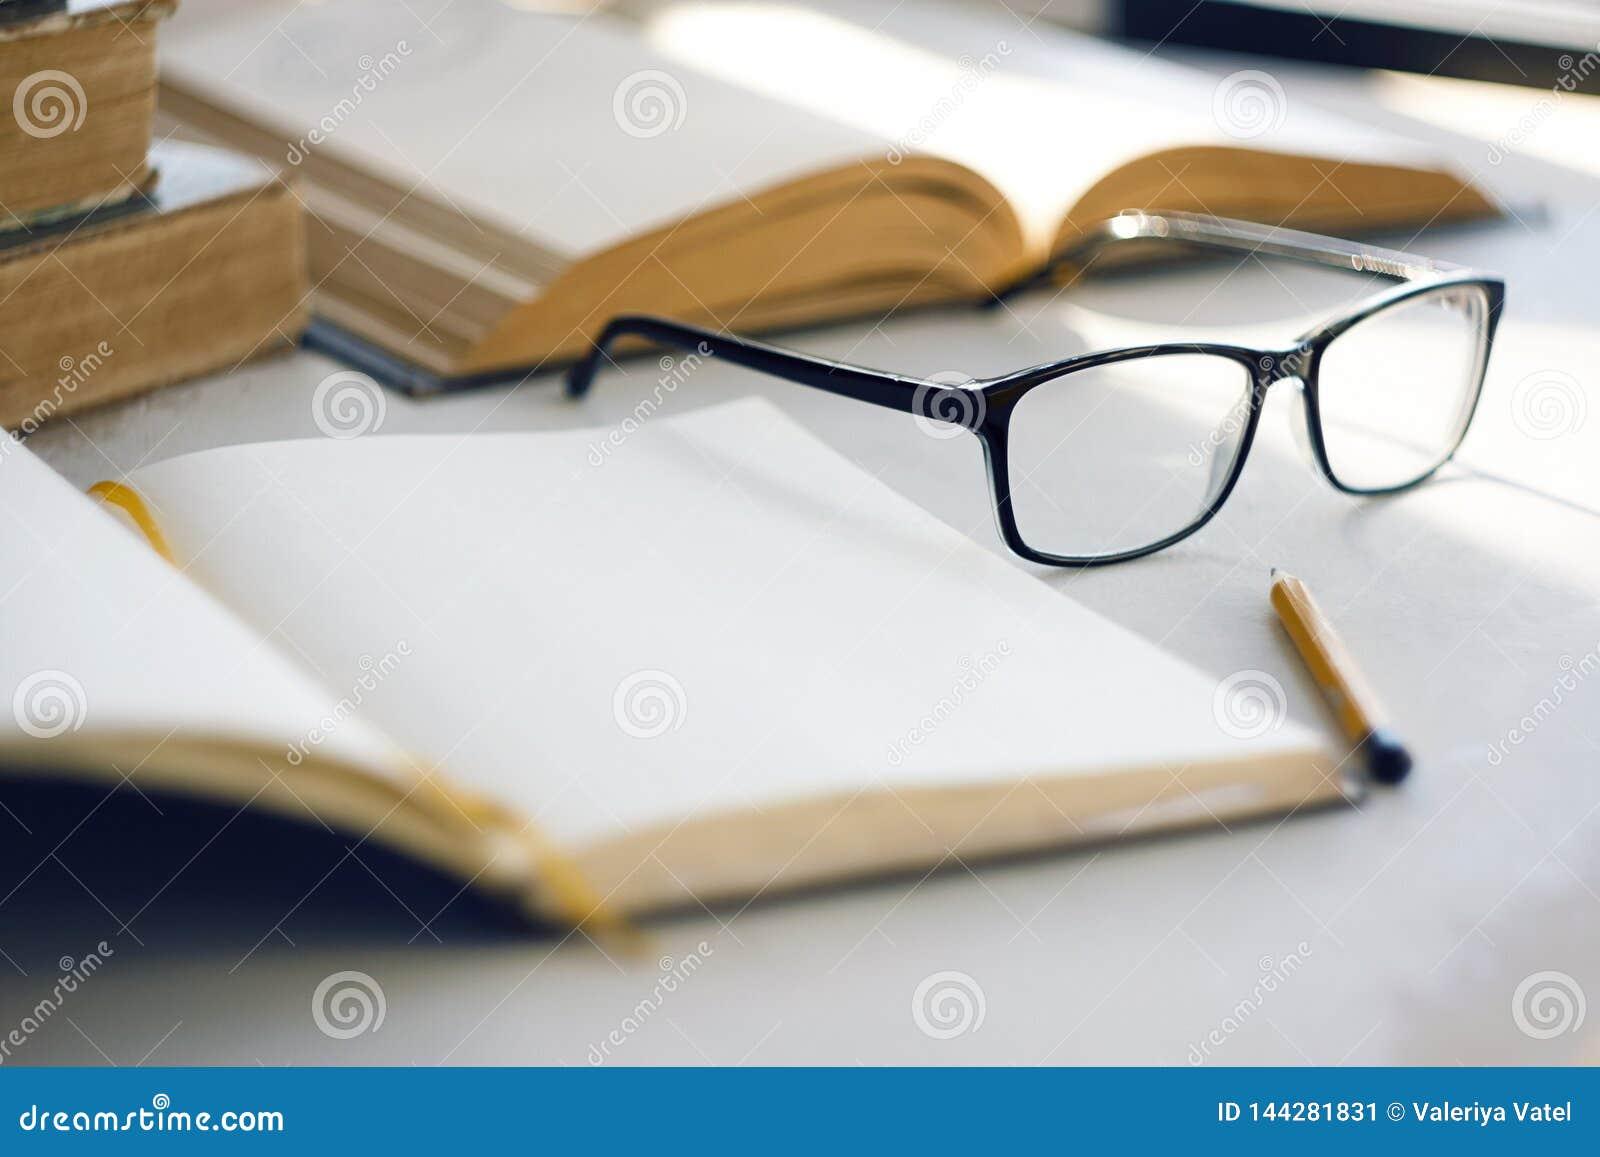 Der helle Sonnenschein belichtet alte Enzyklopädien, ein Notizbuch, einen einfachen Bleistift und Gläser